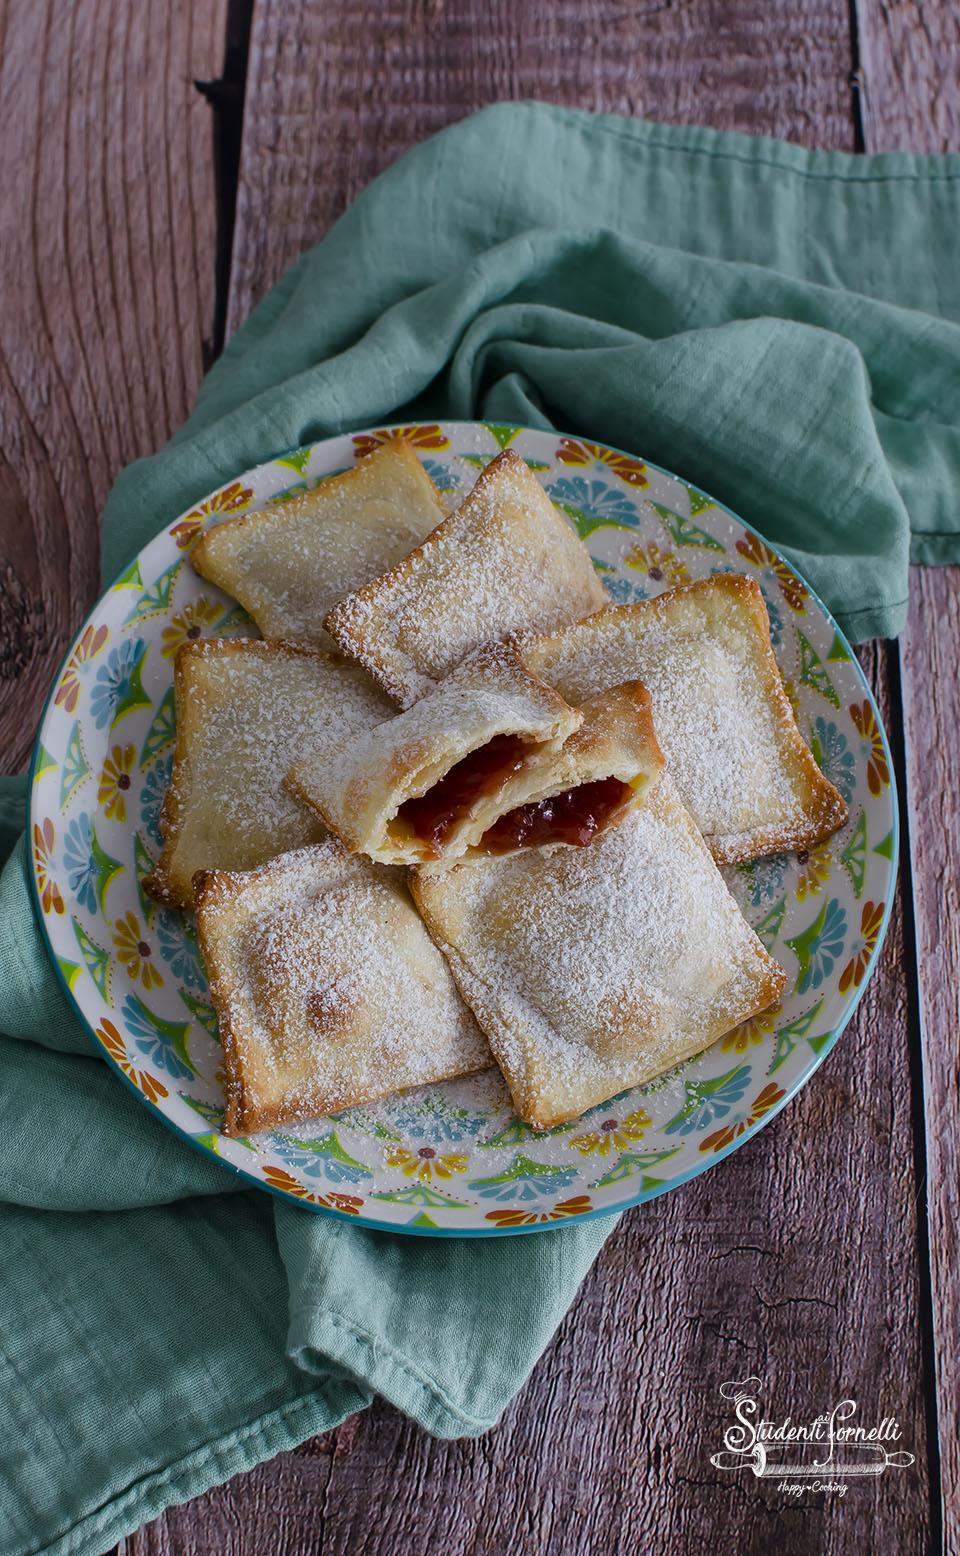 chiacchiere ripiene alla marmellata crostoli alla marmellata di carnevale ricetta ravioli fritti